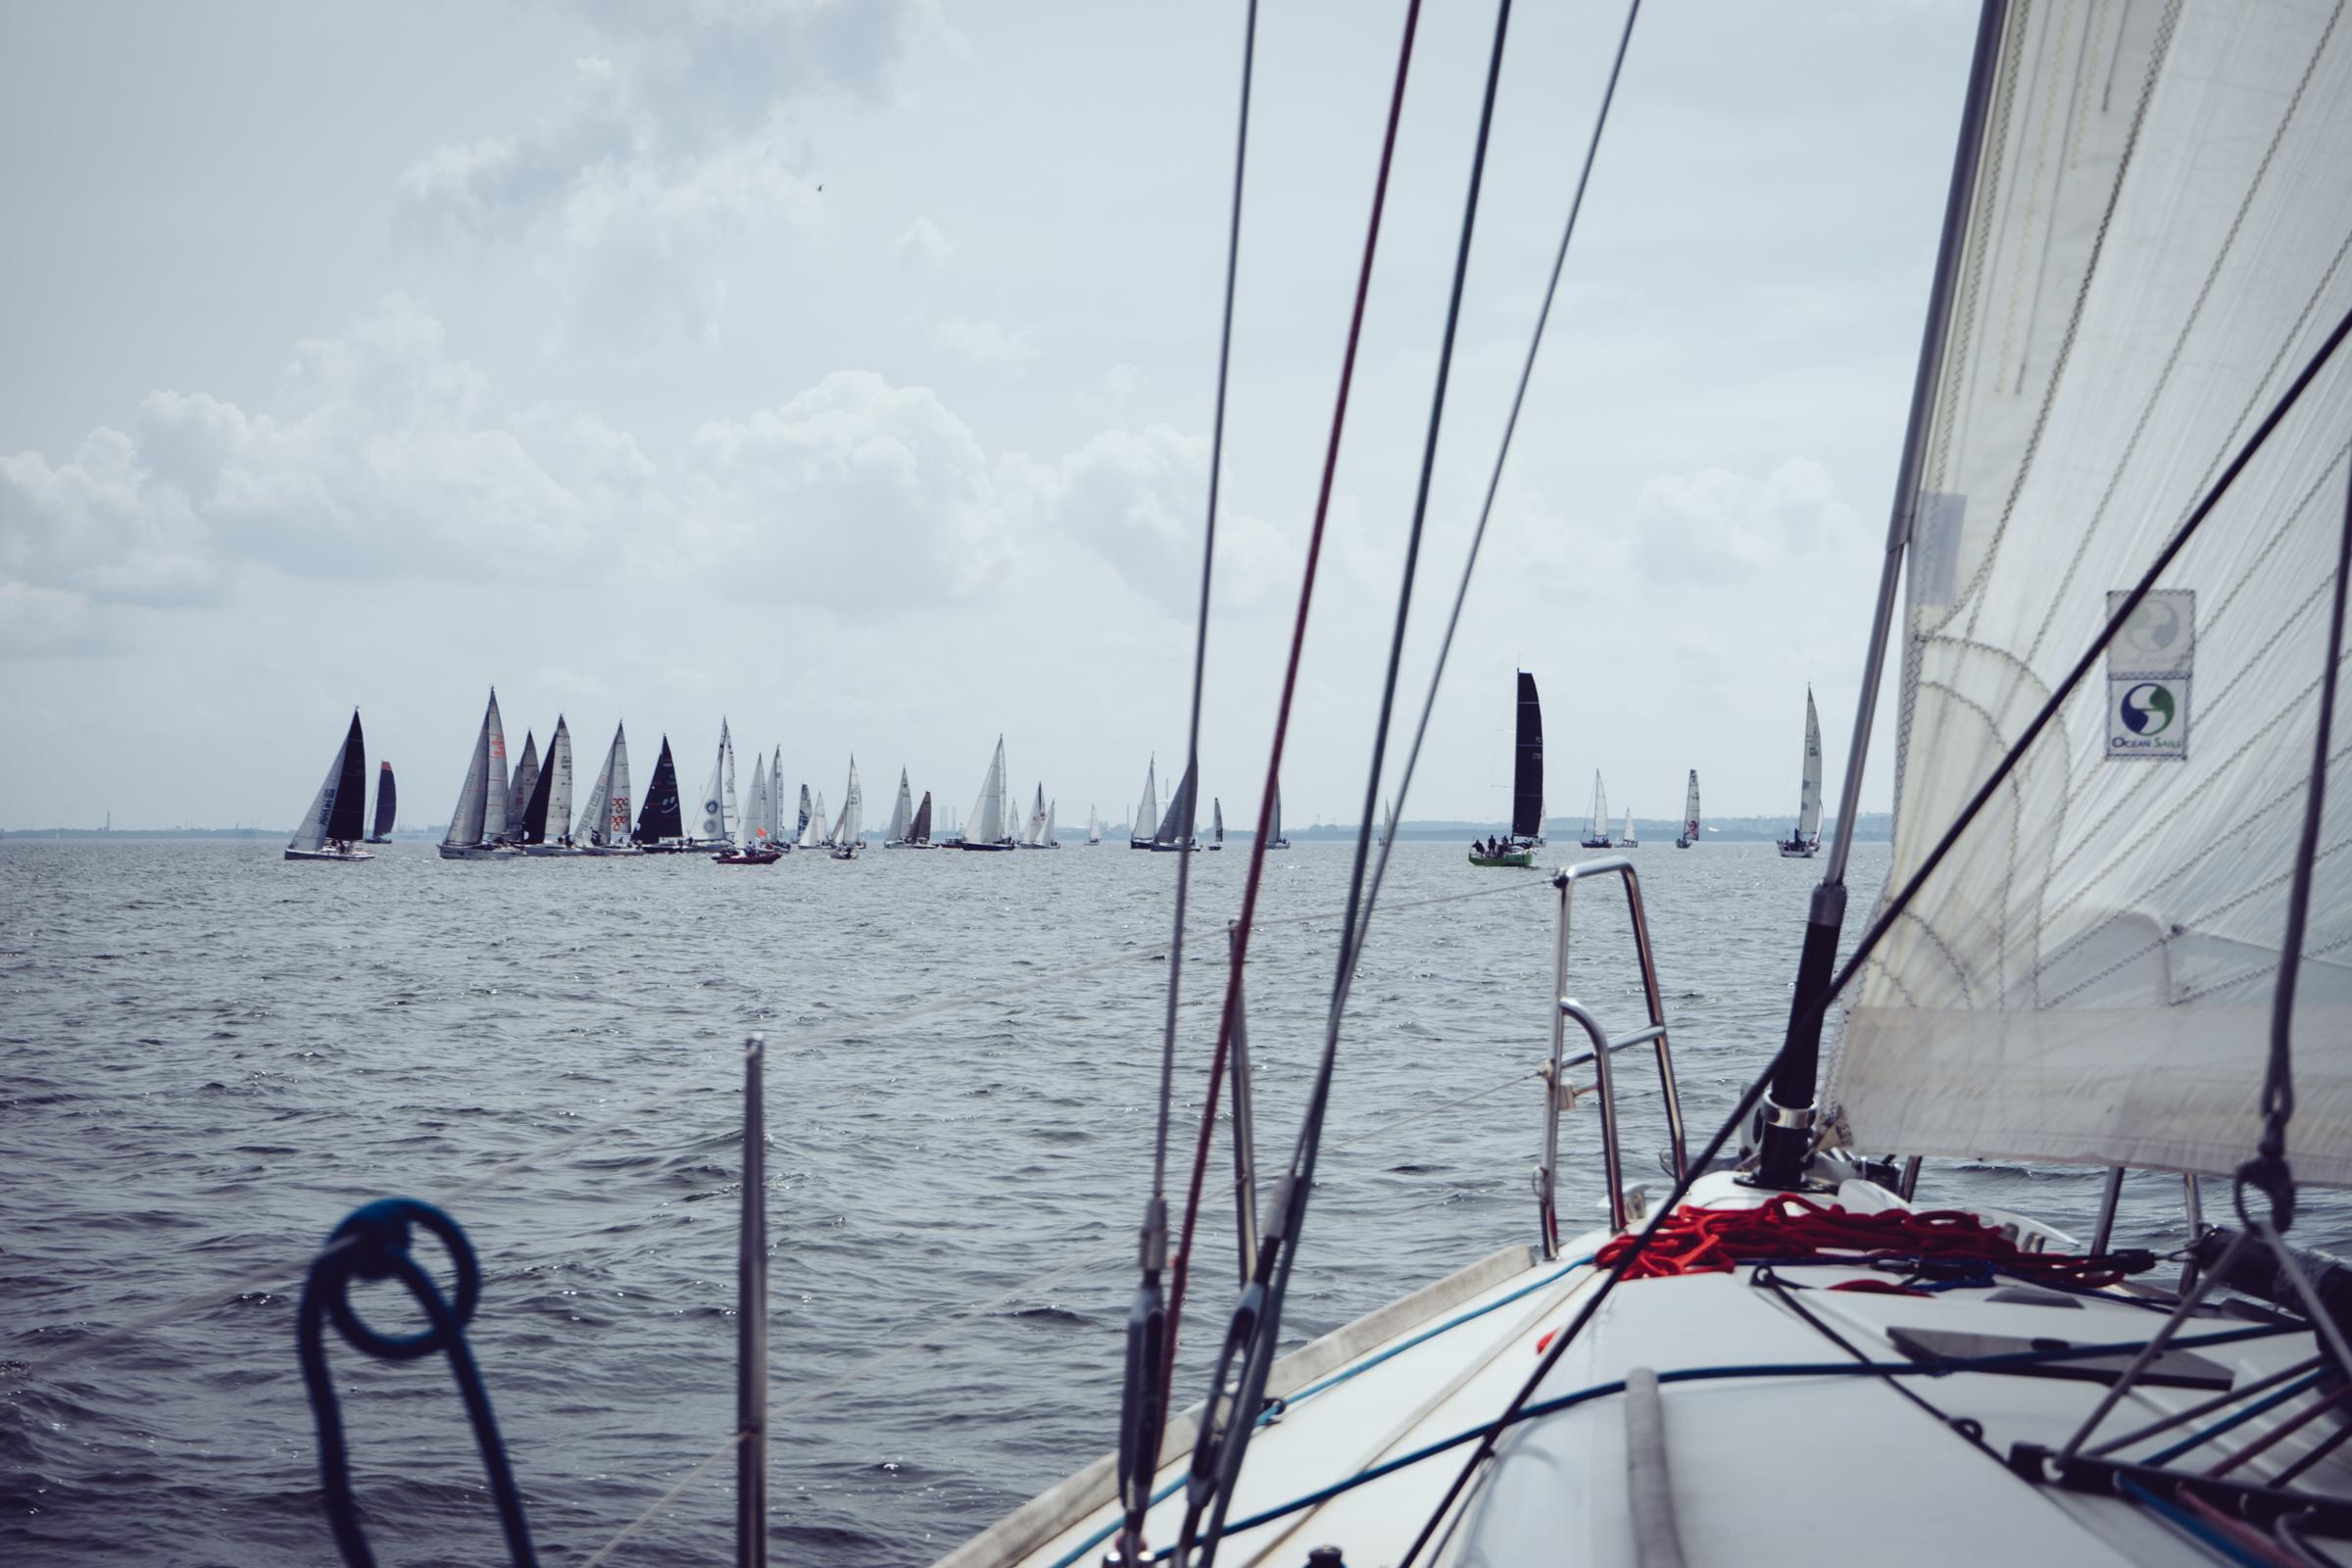 Les voiliers de la Tri-City Sailing Cup sur la mer Baltique - Pologne